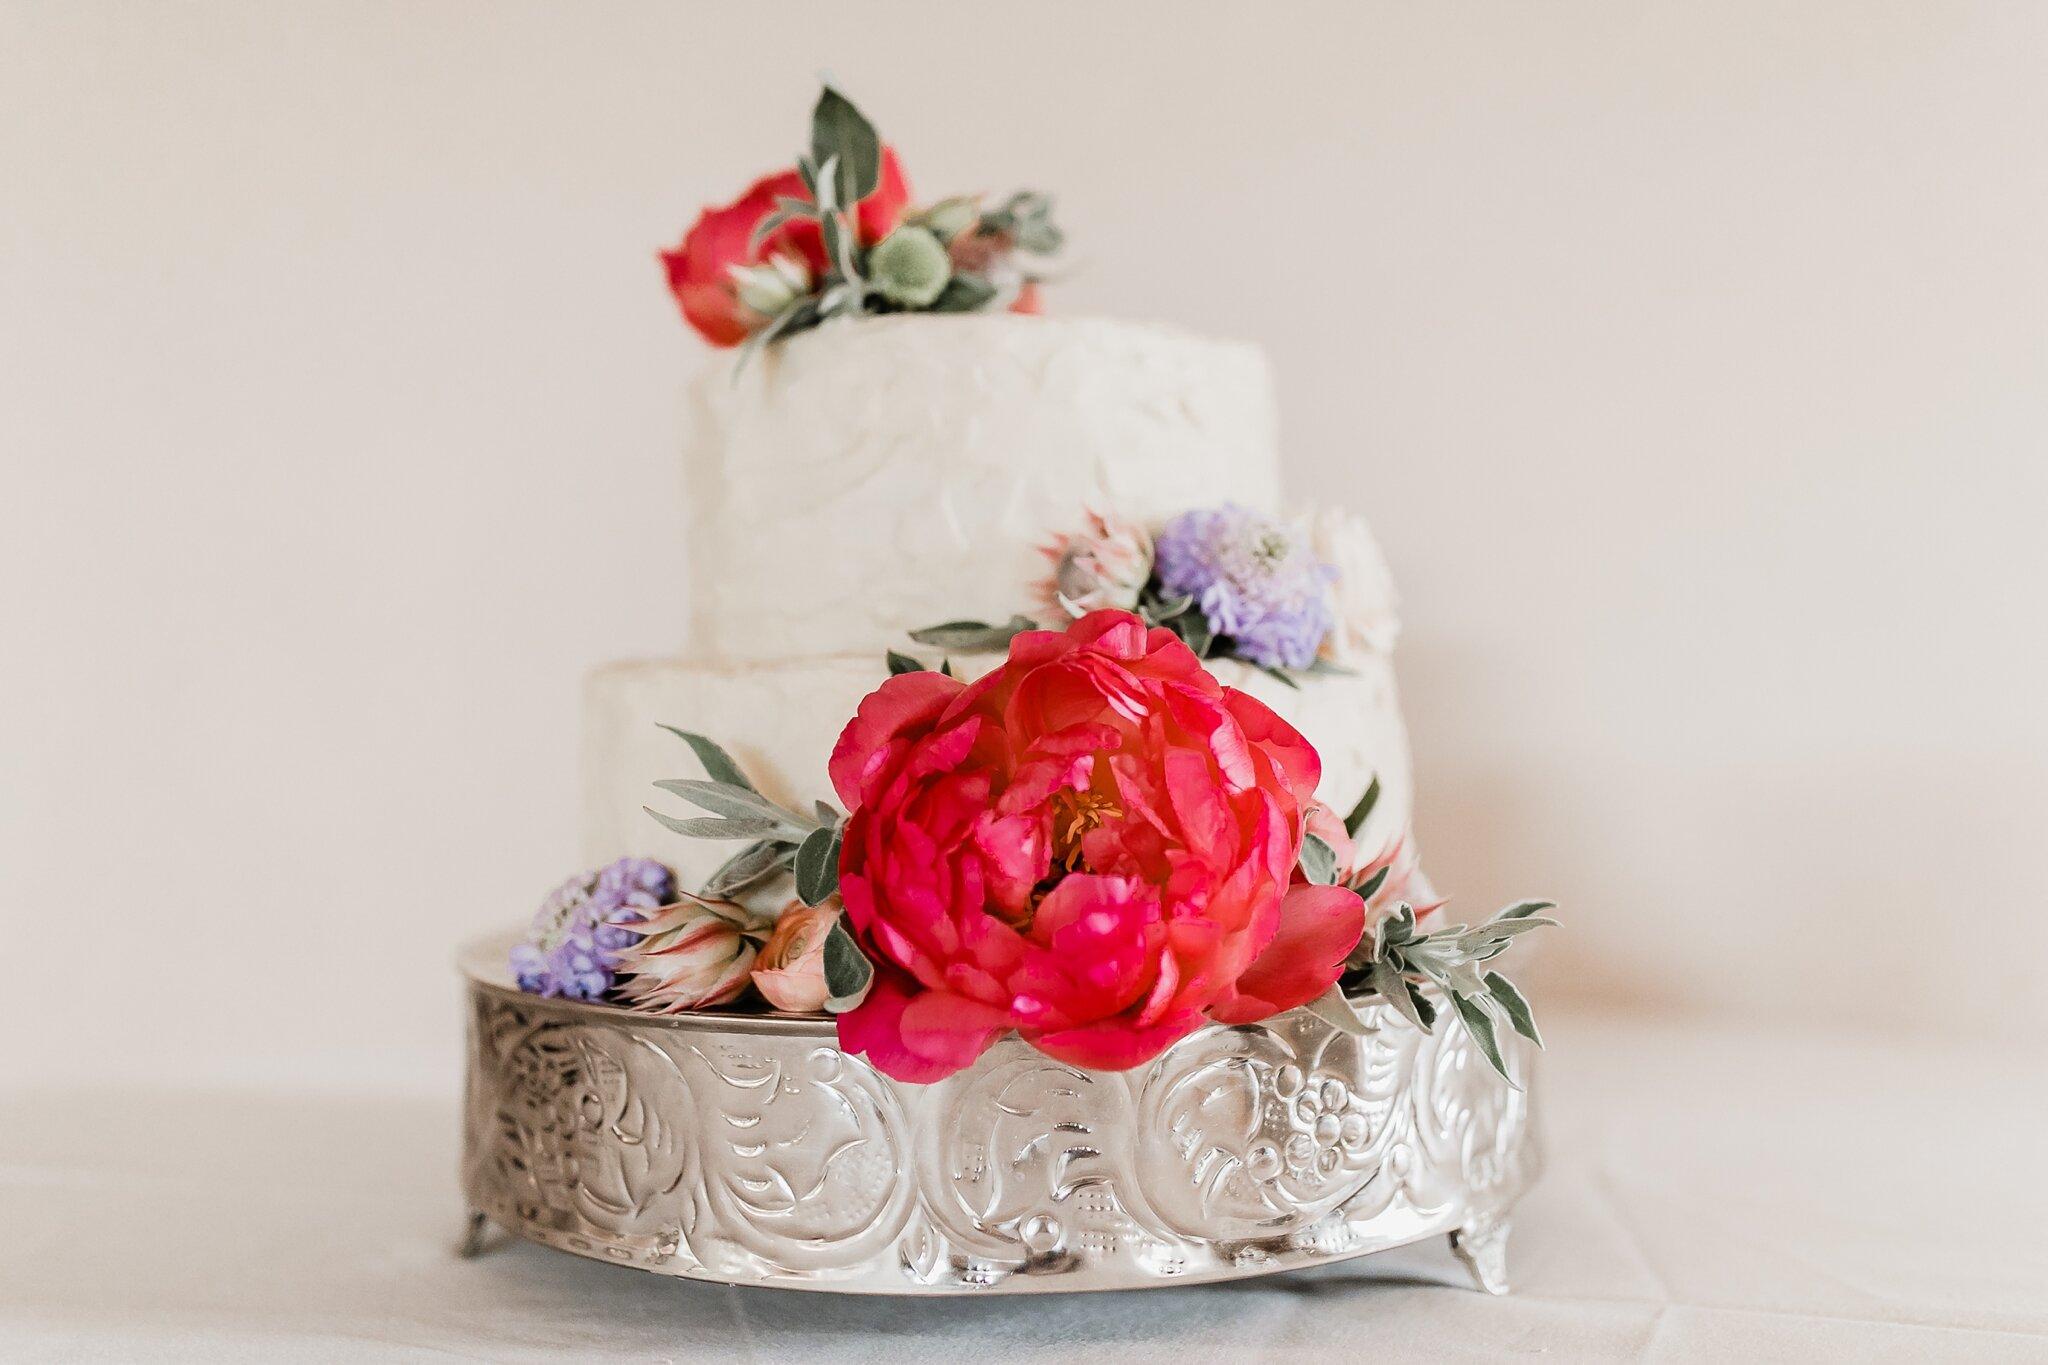 Alicia+lucia+photography+-+albuquerque+wedding+photographer+-+santa+fe+wedding+photography+-+new+mexico+wedding+photographer+-+new+mexico+wedding+-+wedding+-+wedding+cakes+-+flroal+cake+-+santa+fe+cake+-+santa+fe+baker_0024.jpg